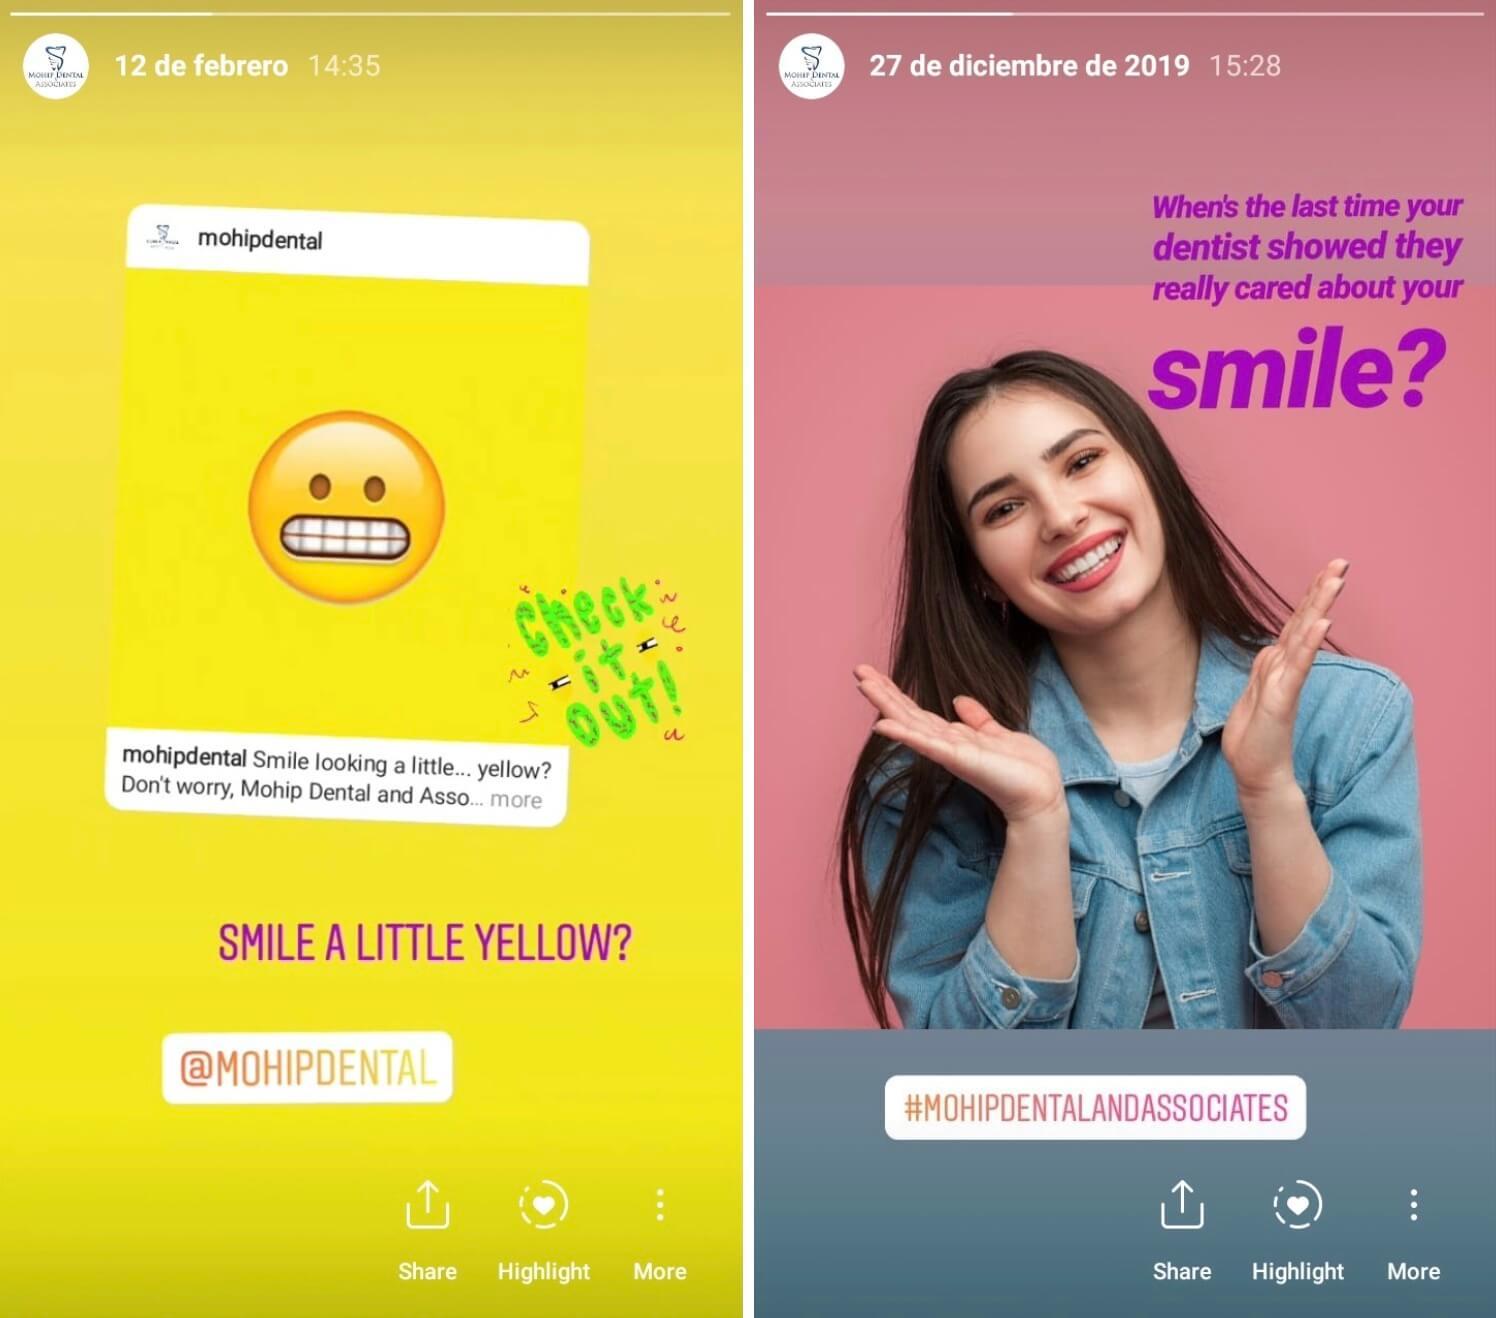 Dentist Social Media Posts